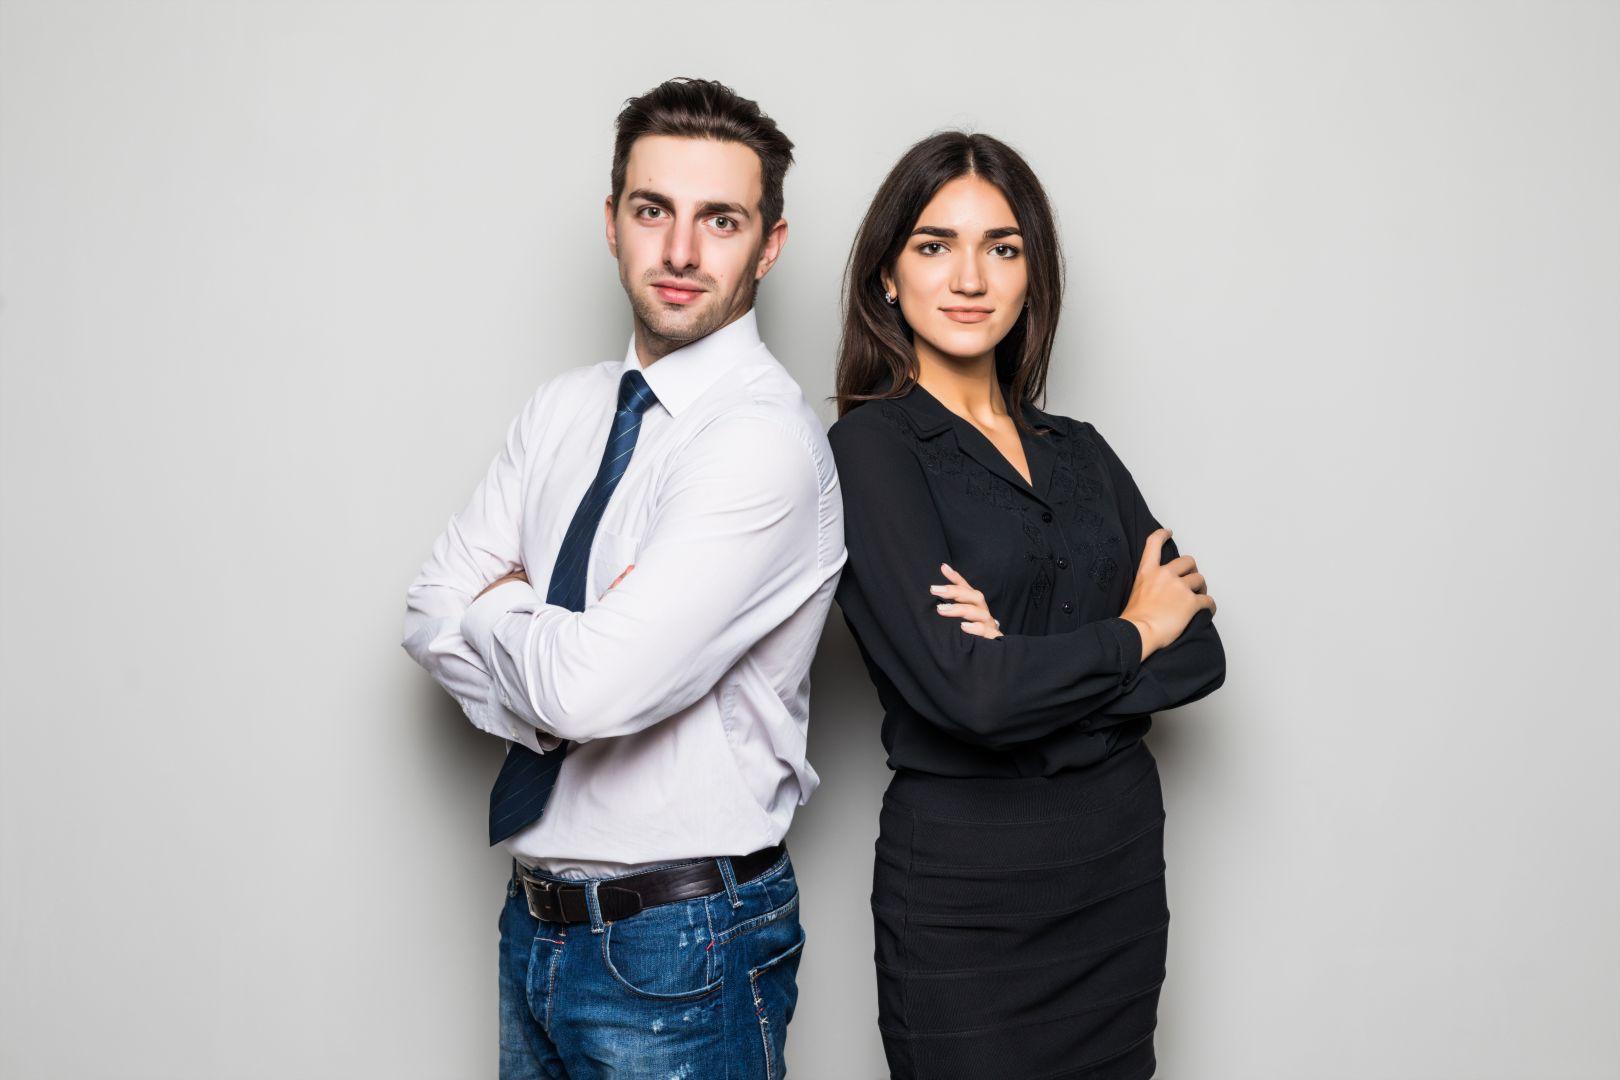 Psychologie : les hommes sont plus confiants que les femmes face à l'achat immobilier